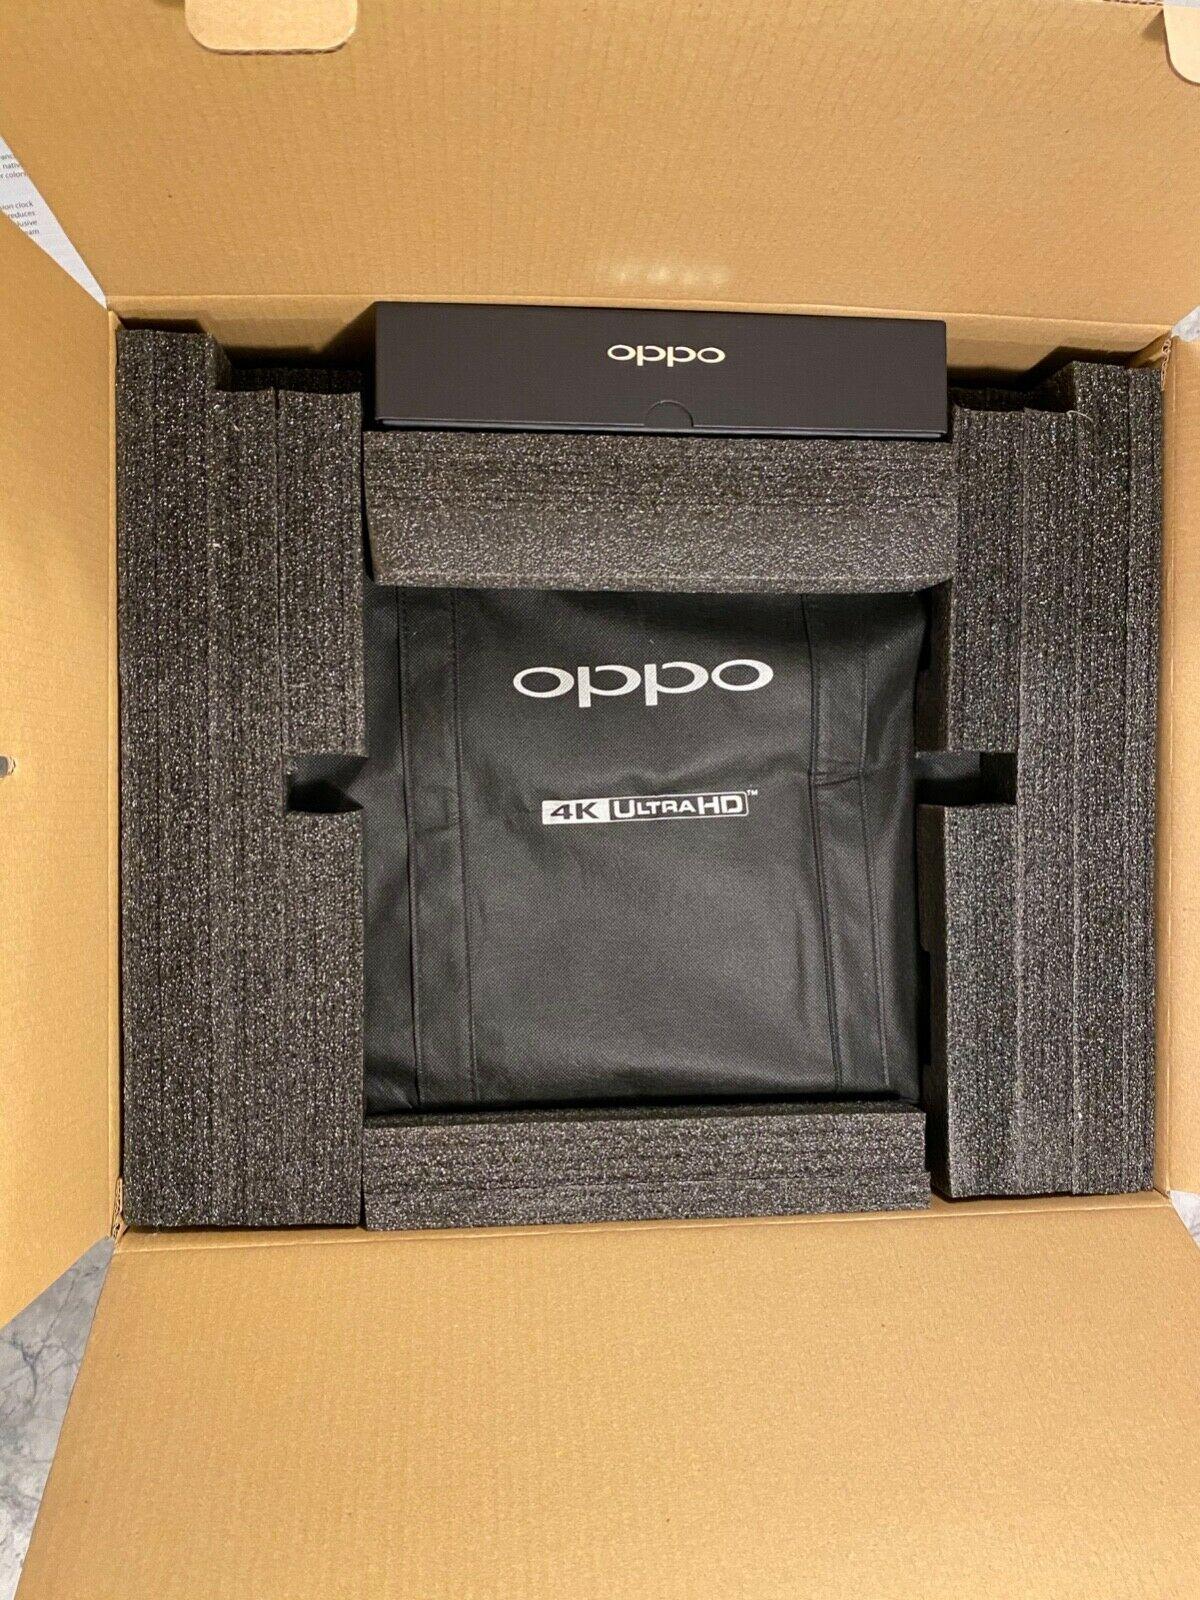 Πωλούν ολοκαίνουργιο player OPP UDP-205 4k Blu-Ray